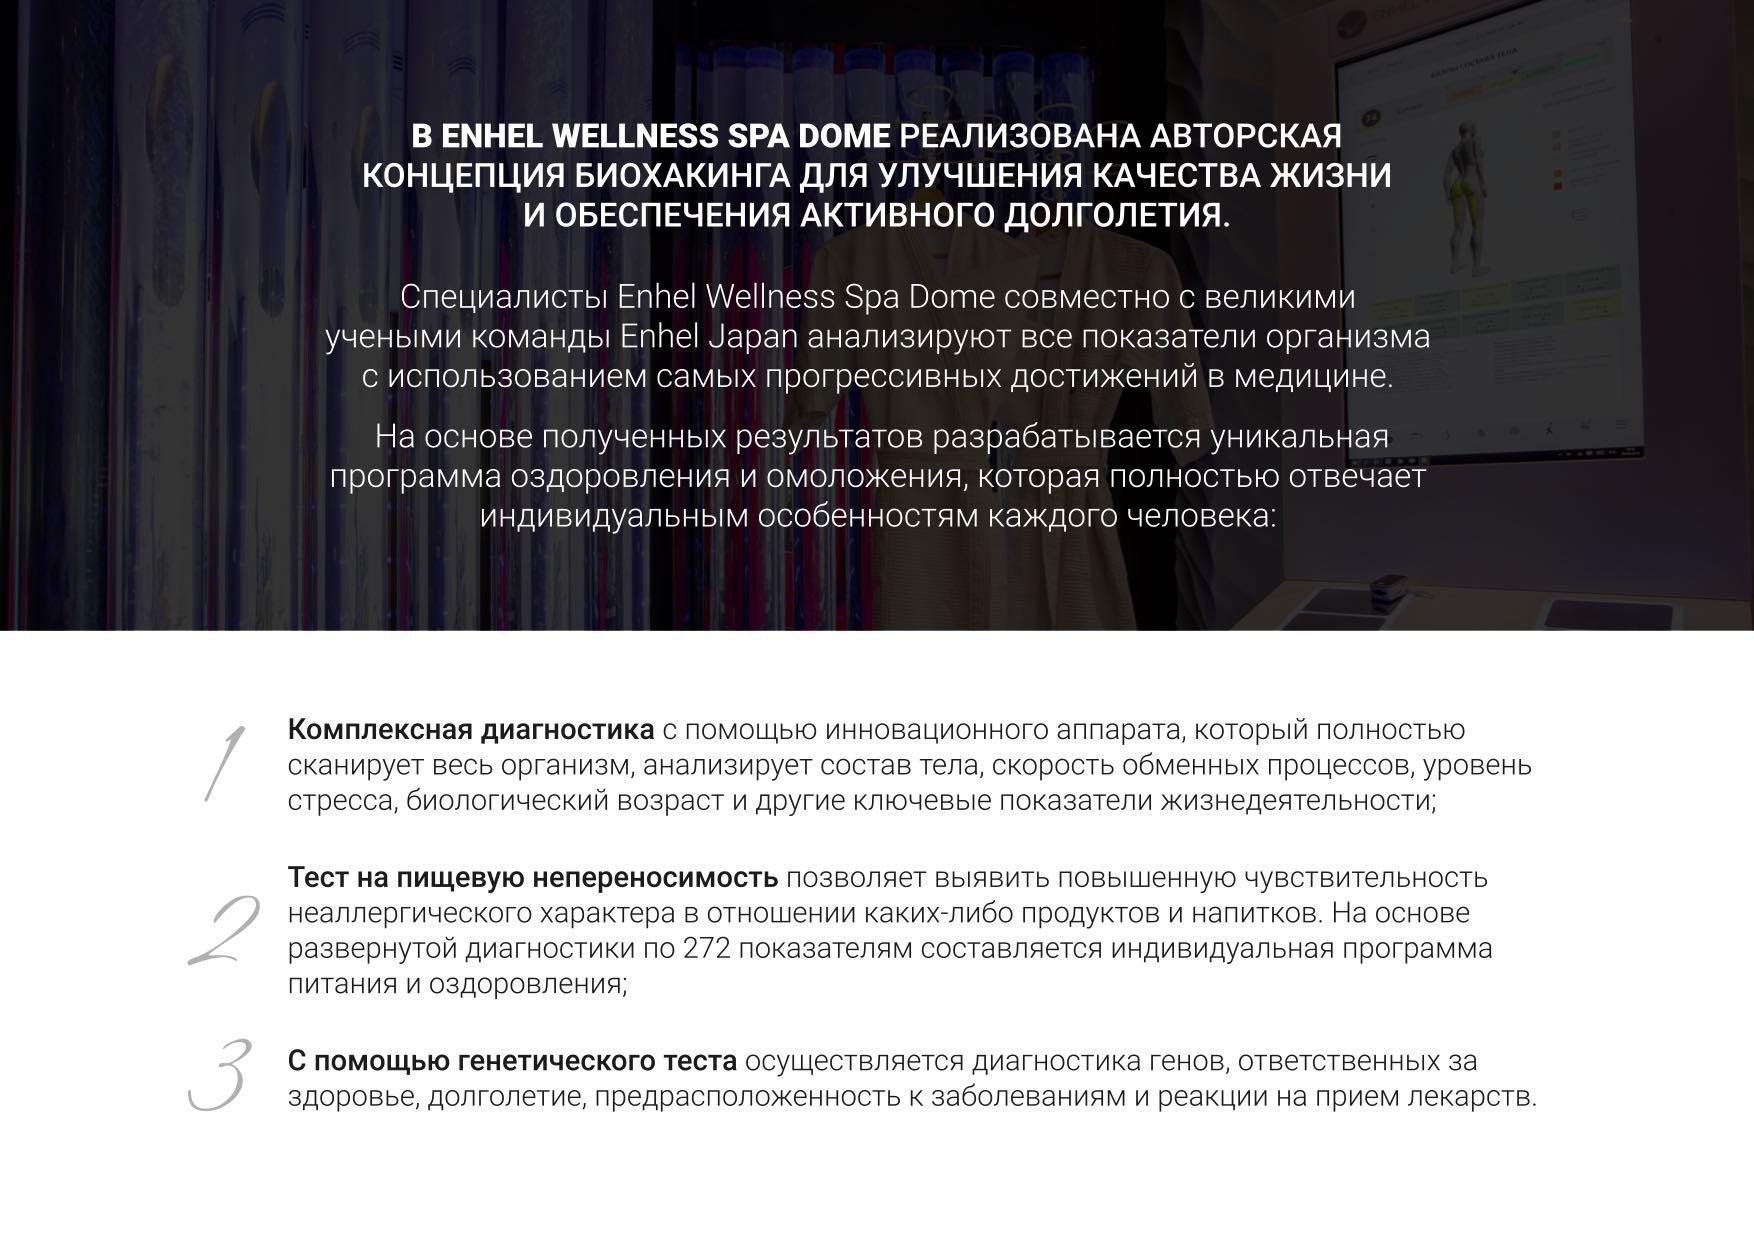 Уникальная программа оздоровления и омоложения Enhel Wellness Spa Dome